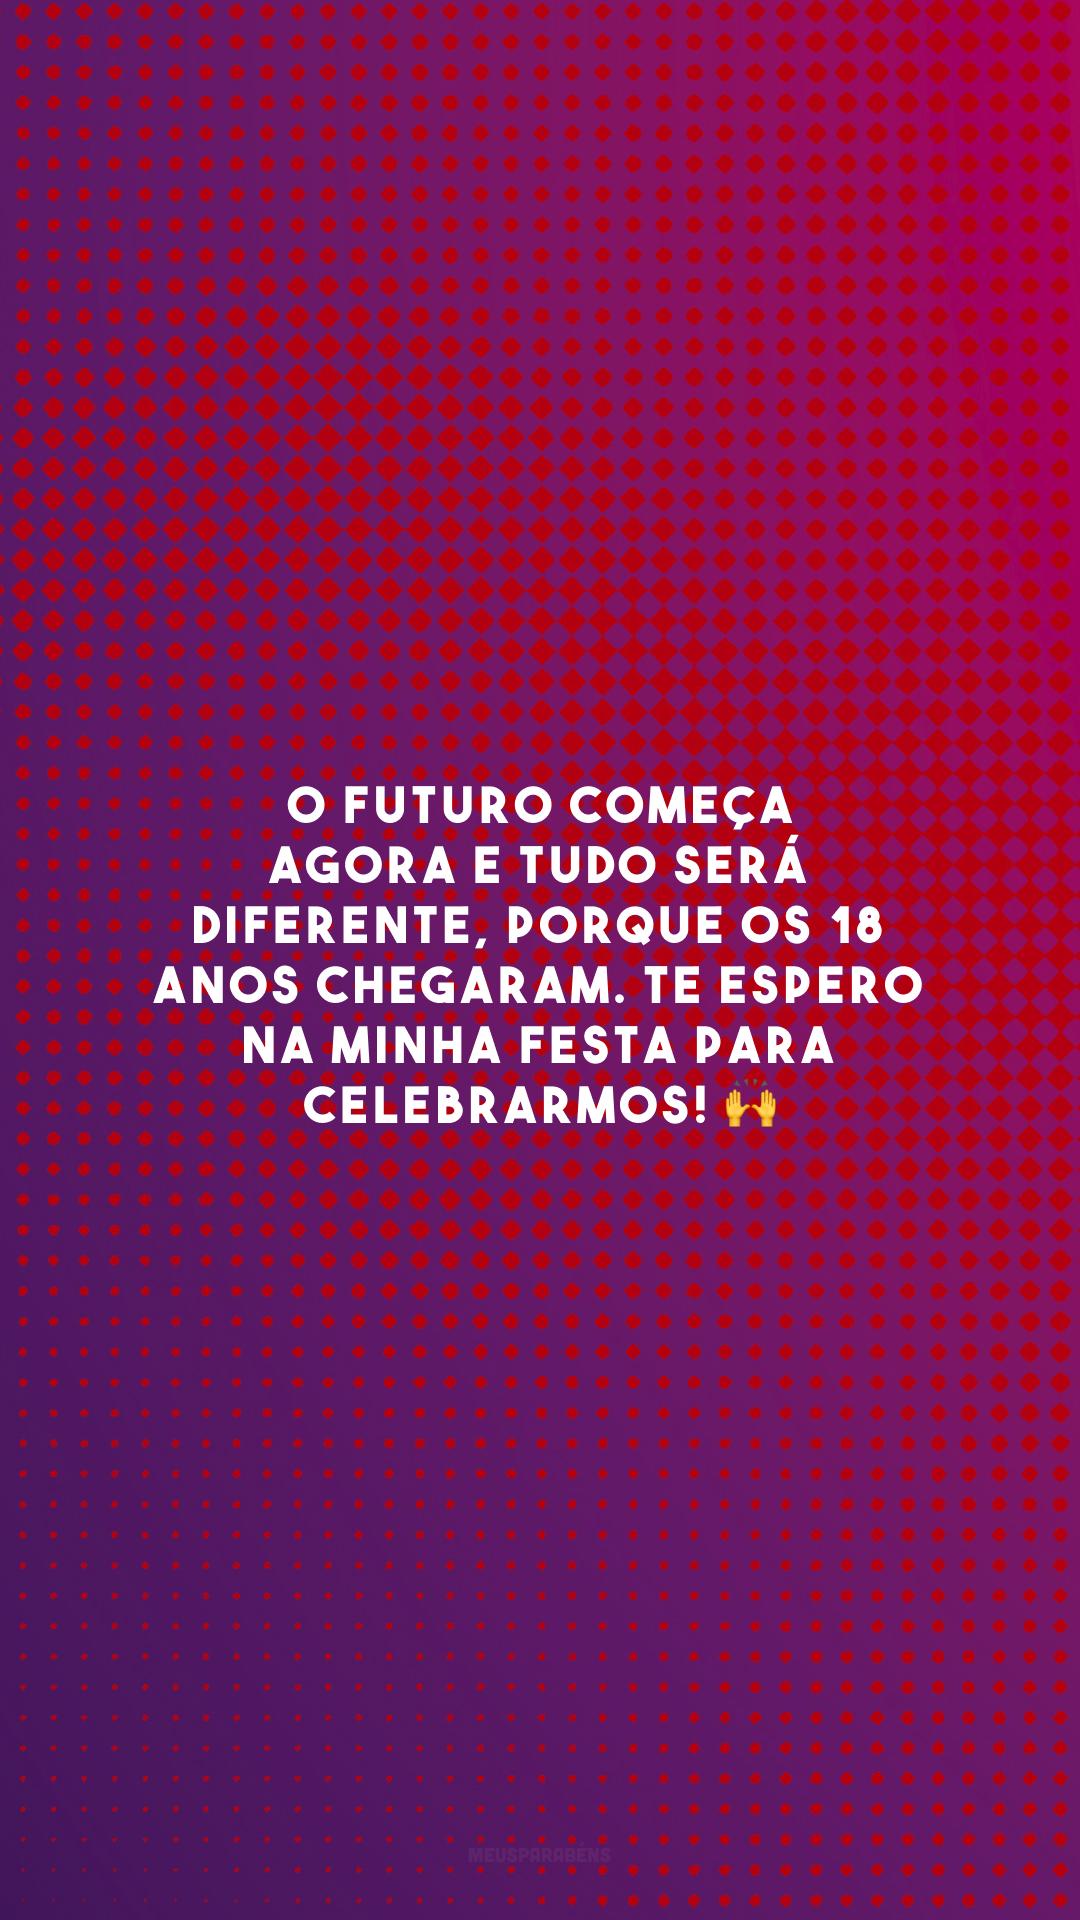 O futuro começa agora e tudo será diferente, porque os 18 anos chegaram. Te espero na minha festa para celebrarmos! 🙌